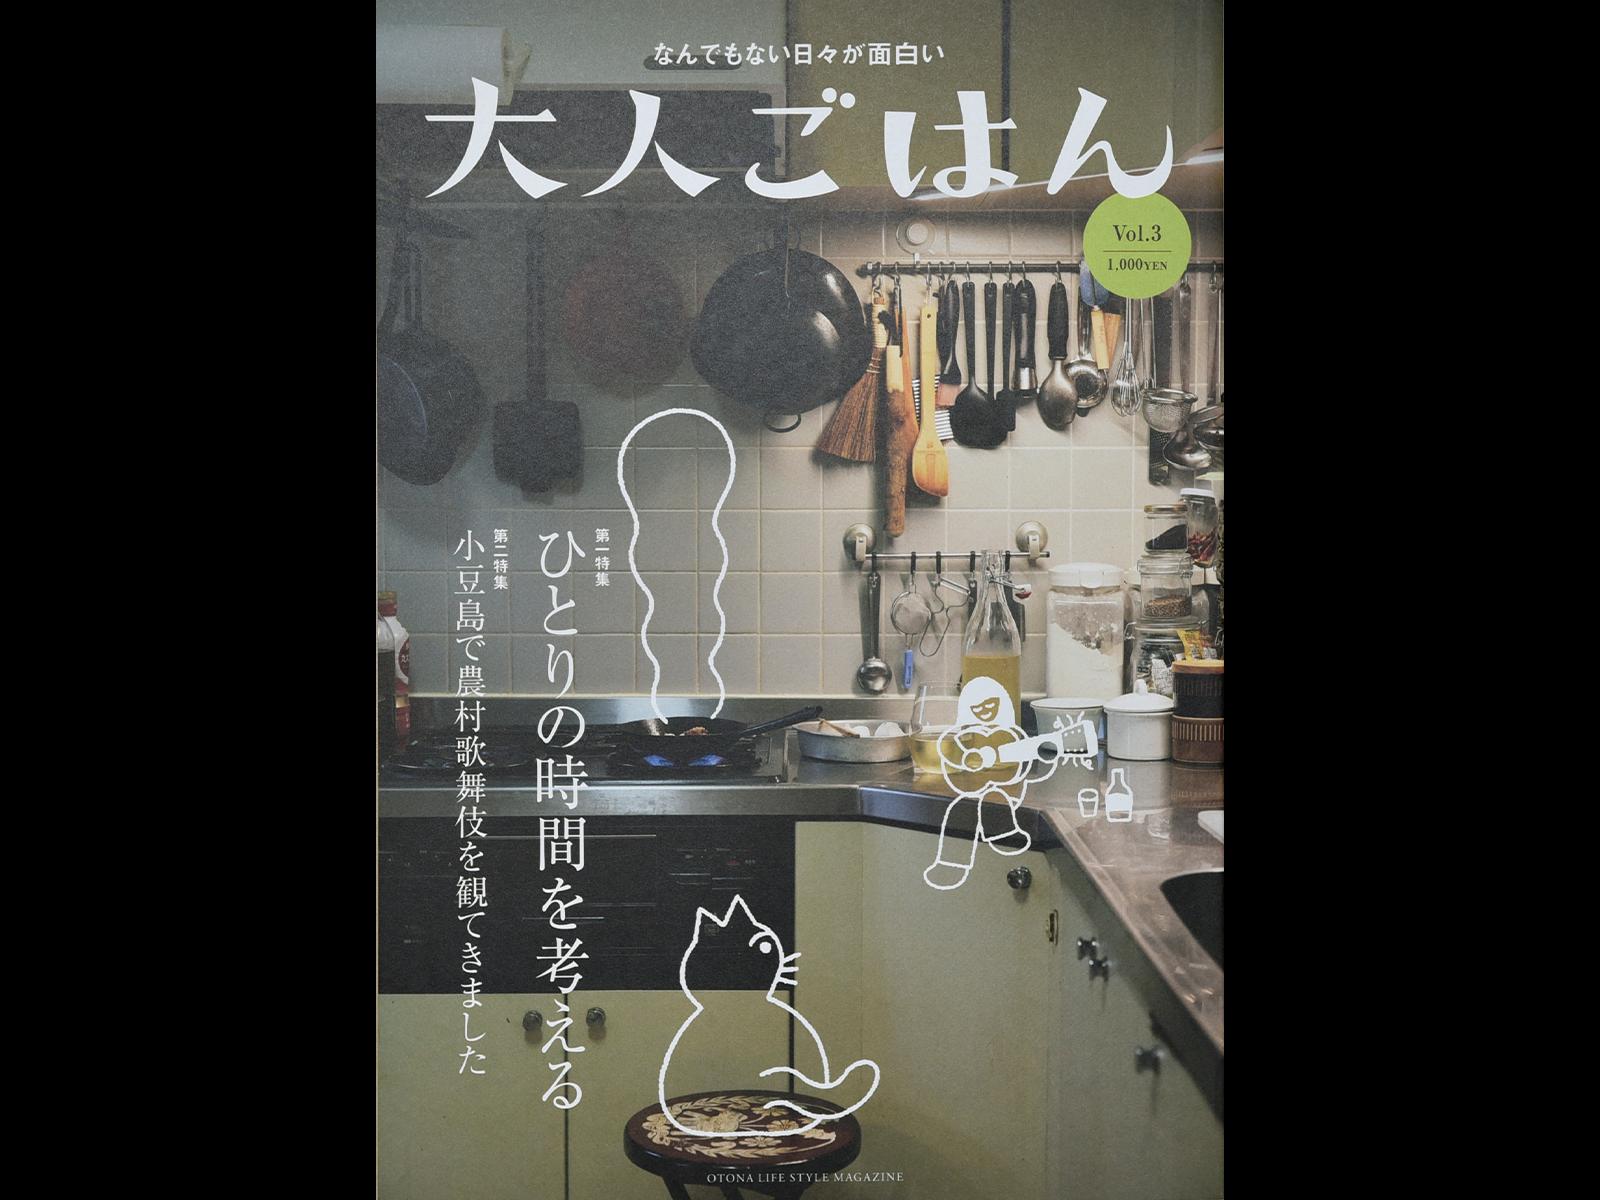 『大人ごはん Vol.3』